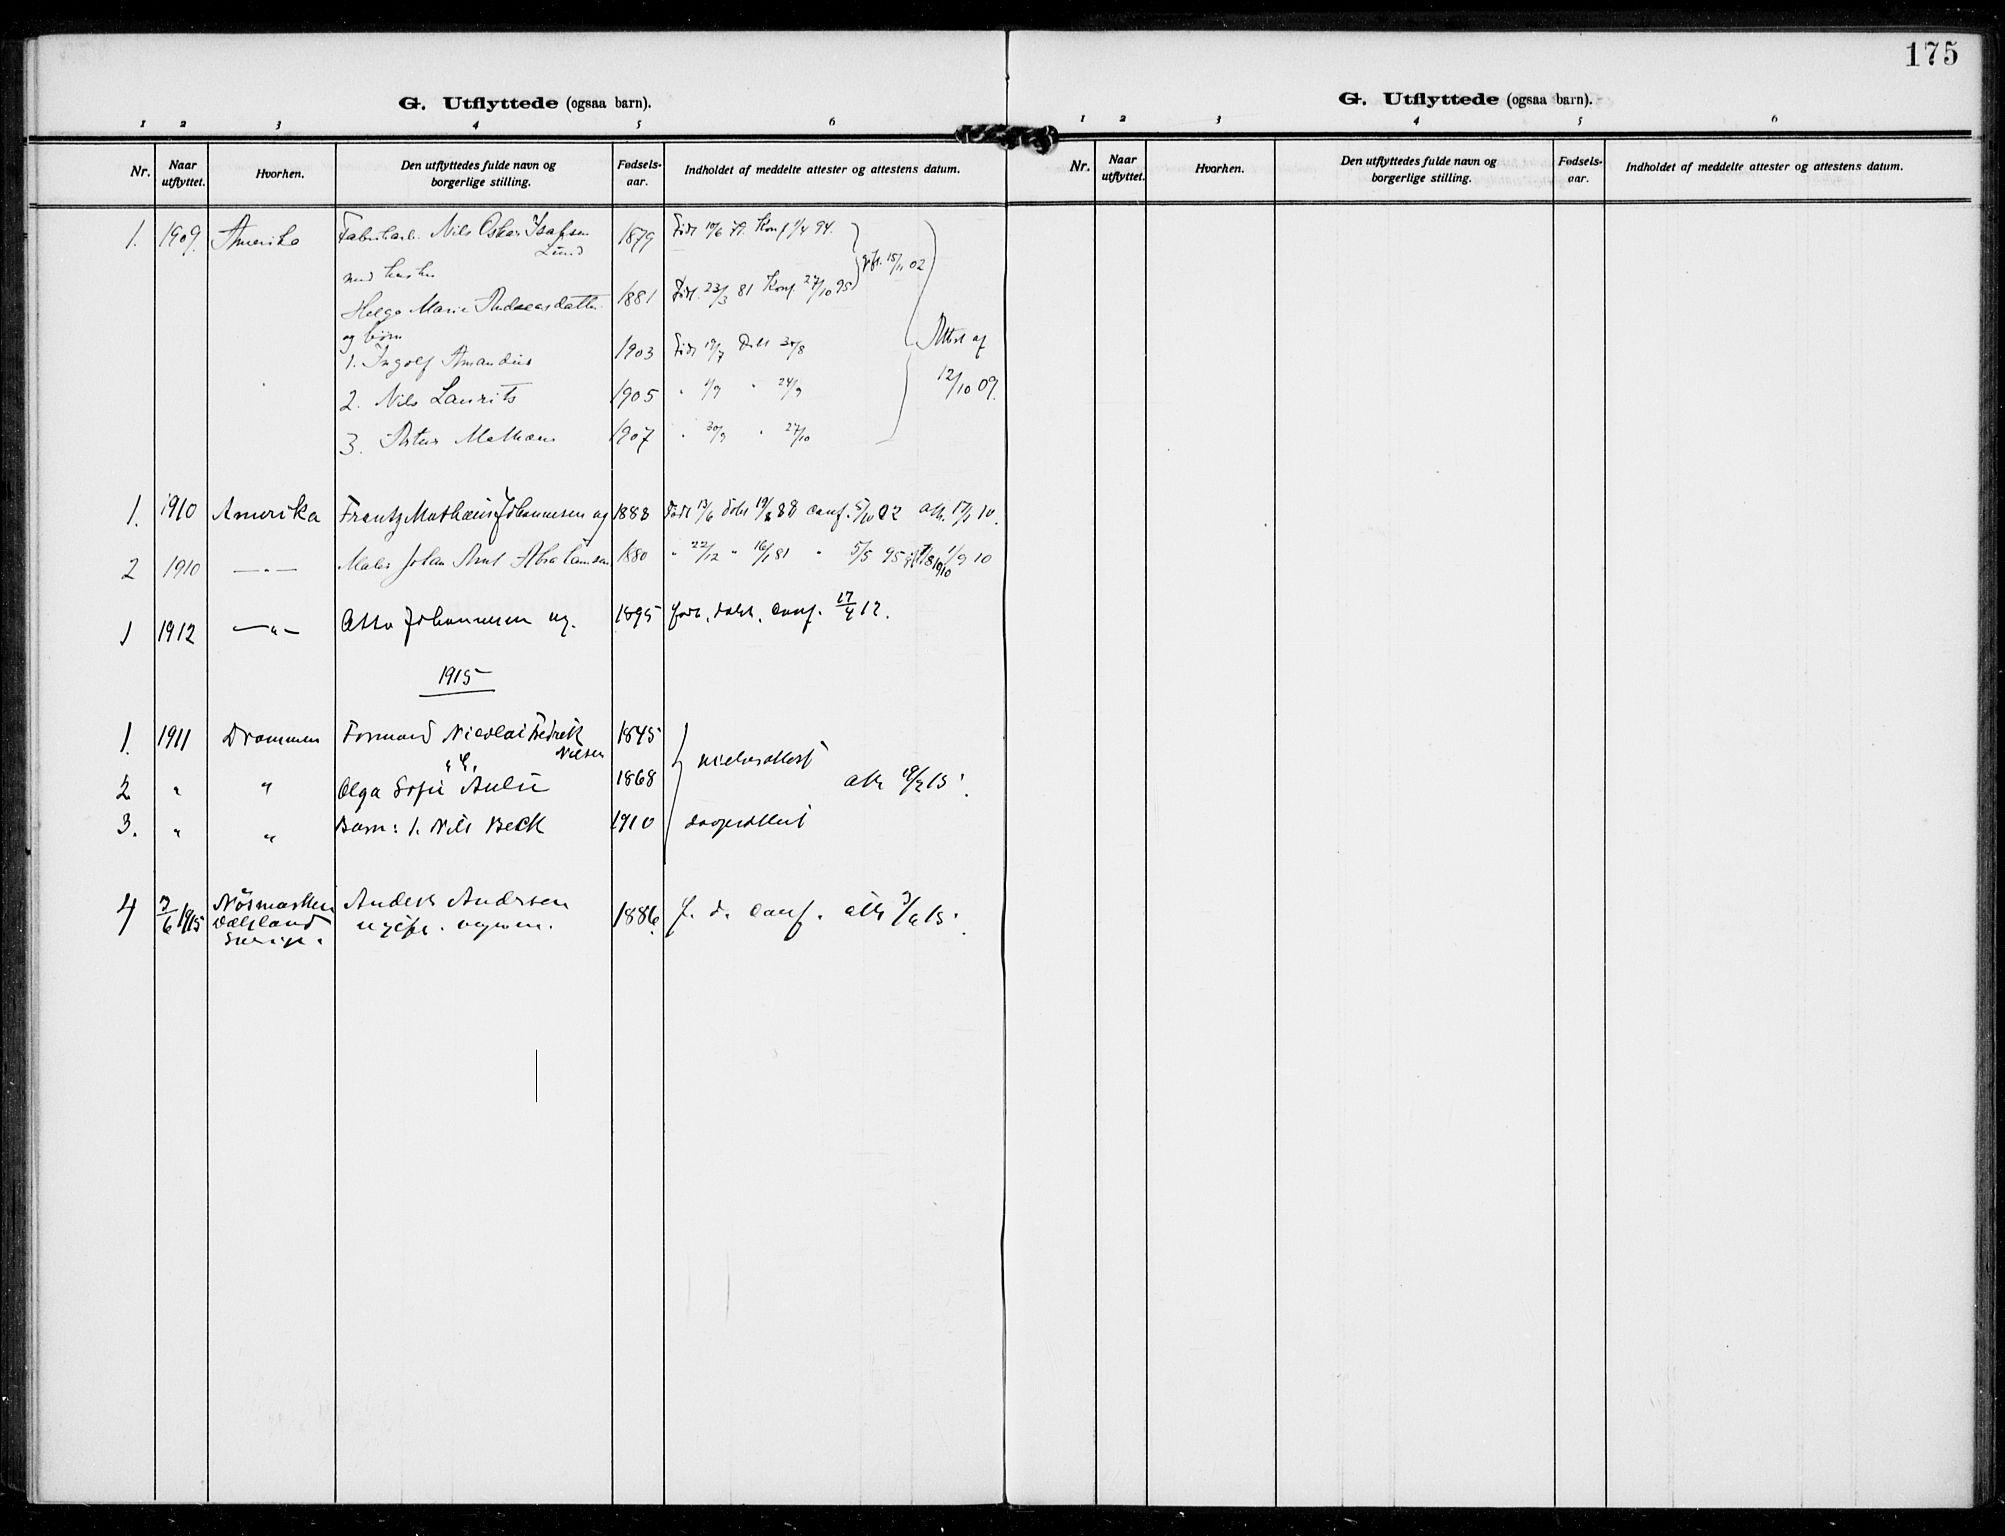 SAKO, Bamble kirkebøker, F/Fc/L0001: Ministerialbok nr. III 1, 1909-1916, s. 175